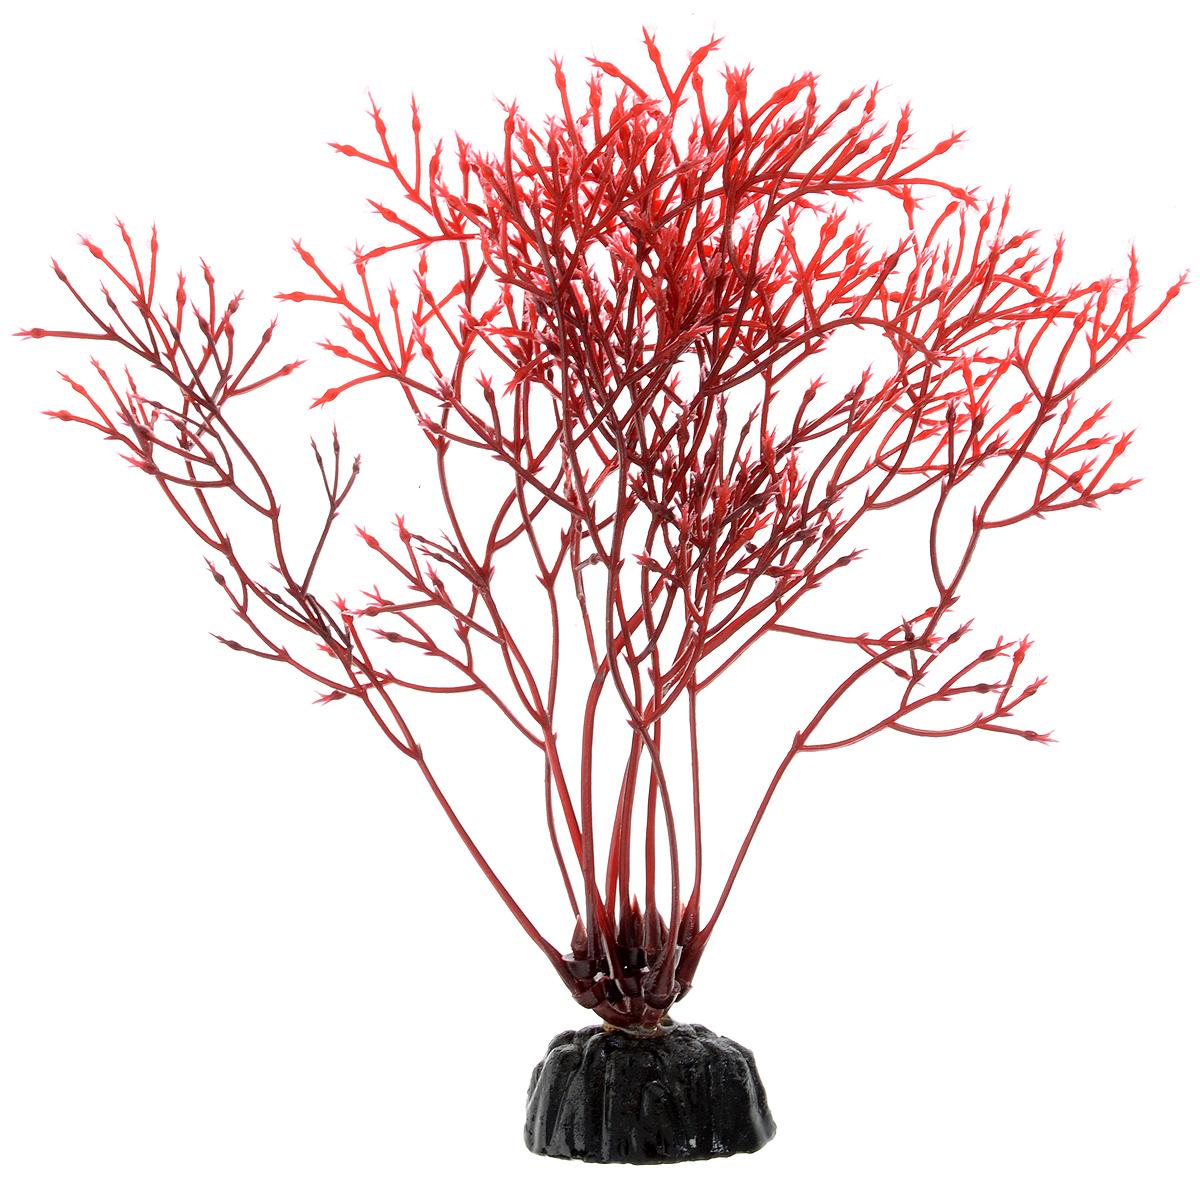 Растение для аквариума Barbus Горгонария, пластиковое, цвет: красный, высота 10 смPlant 032/10Растение для аквариума Barbus Горгонария, выполненное из качественного пластика, станет оригинальным украшением вашего аквариума. Пластиковое растение идеально подходит для дизайна всех видов аквариумов. Оно абсолютно безопасно, не токсично, нейтрально к водному балансу, устойчиво к истиранию краски, подходит как для пресноводного, так и для морского аквариума. Растение для аквариума Barbus поможет вам смоделировать потрясающий пейзаж на дне вашего аквариума или террариума. Высота растения: 10 см.